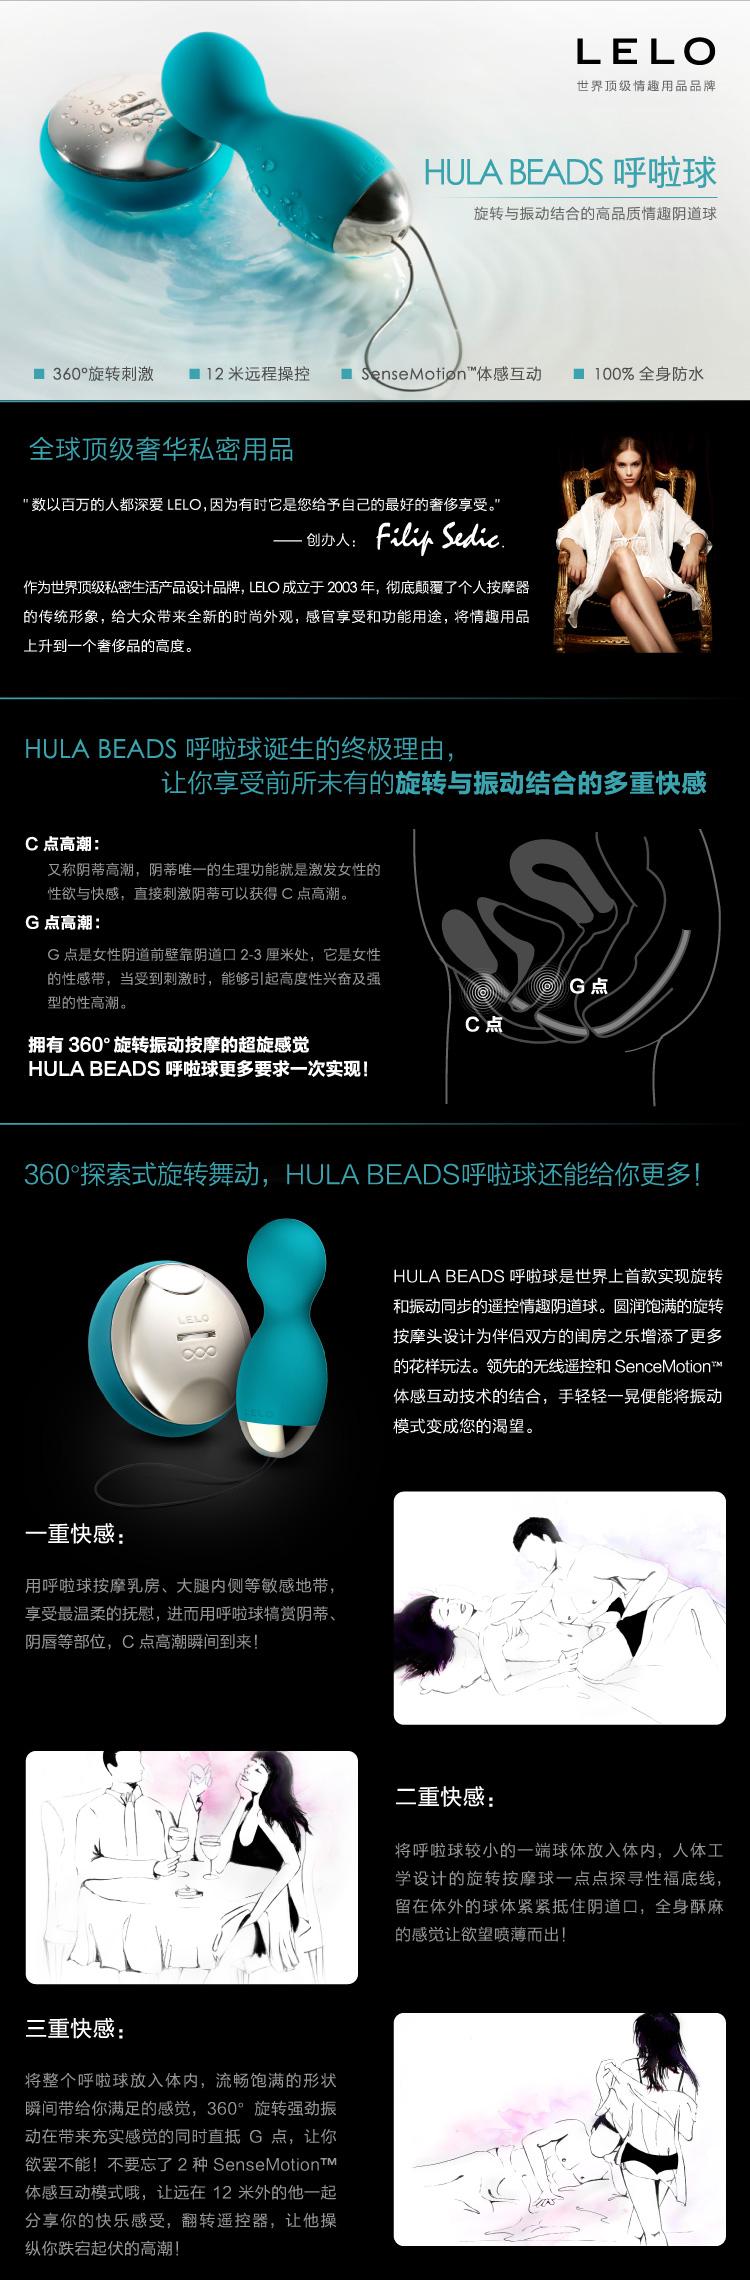 2013版终端页面HULA-750xN-CN